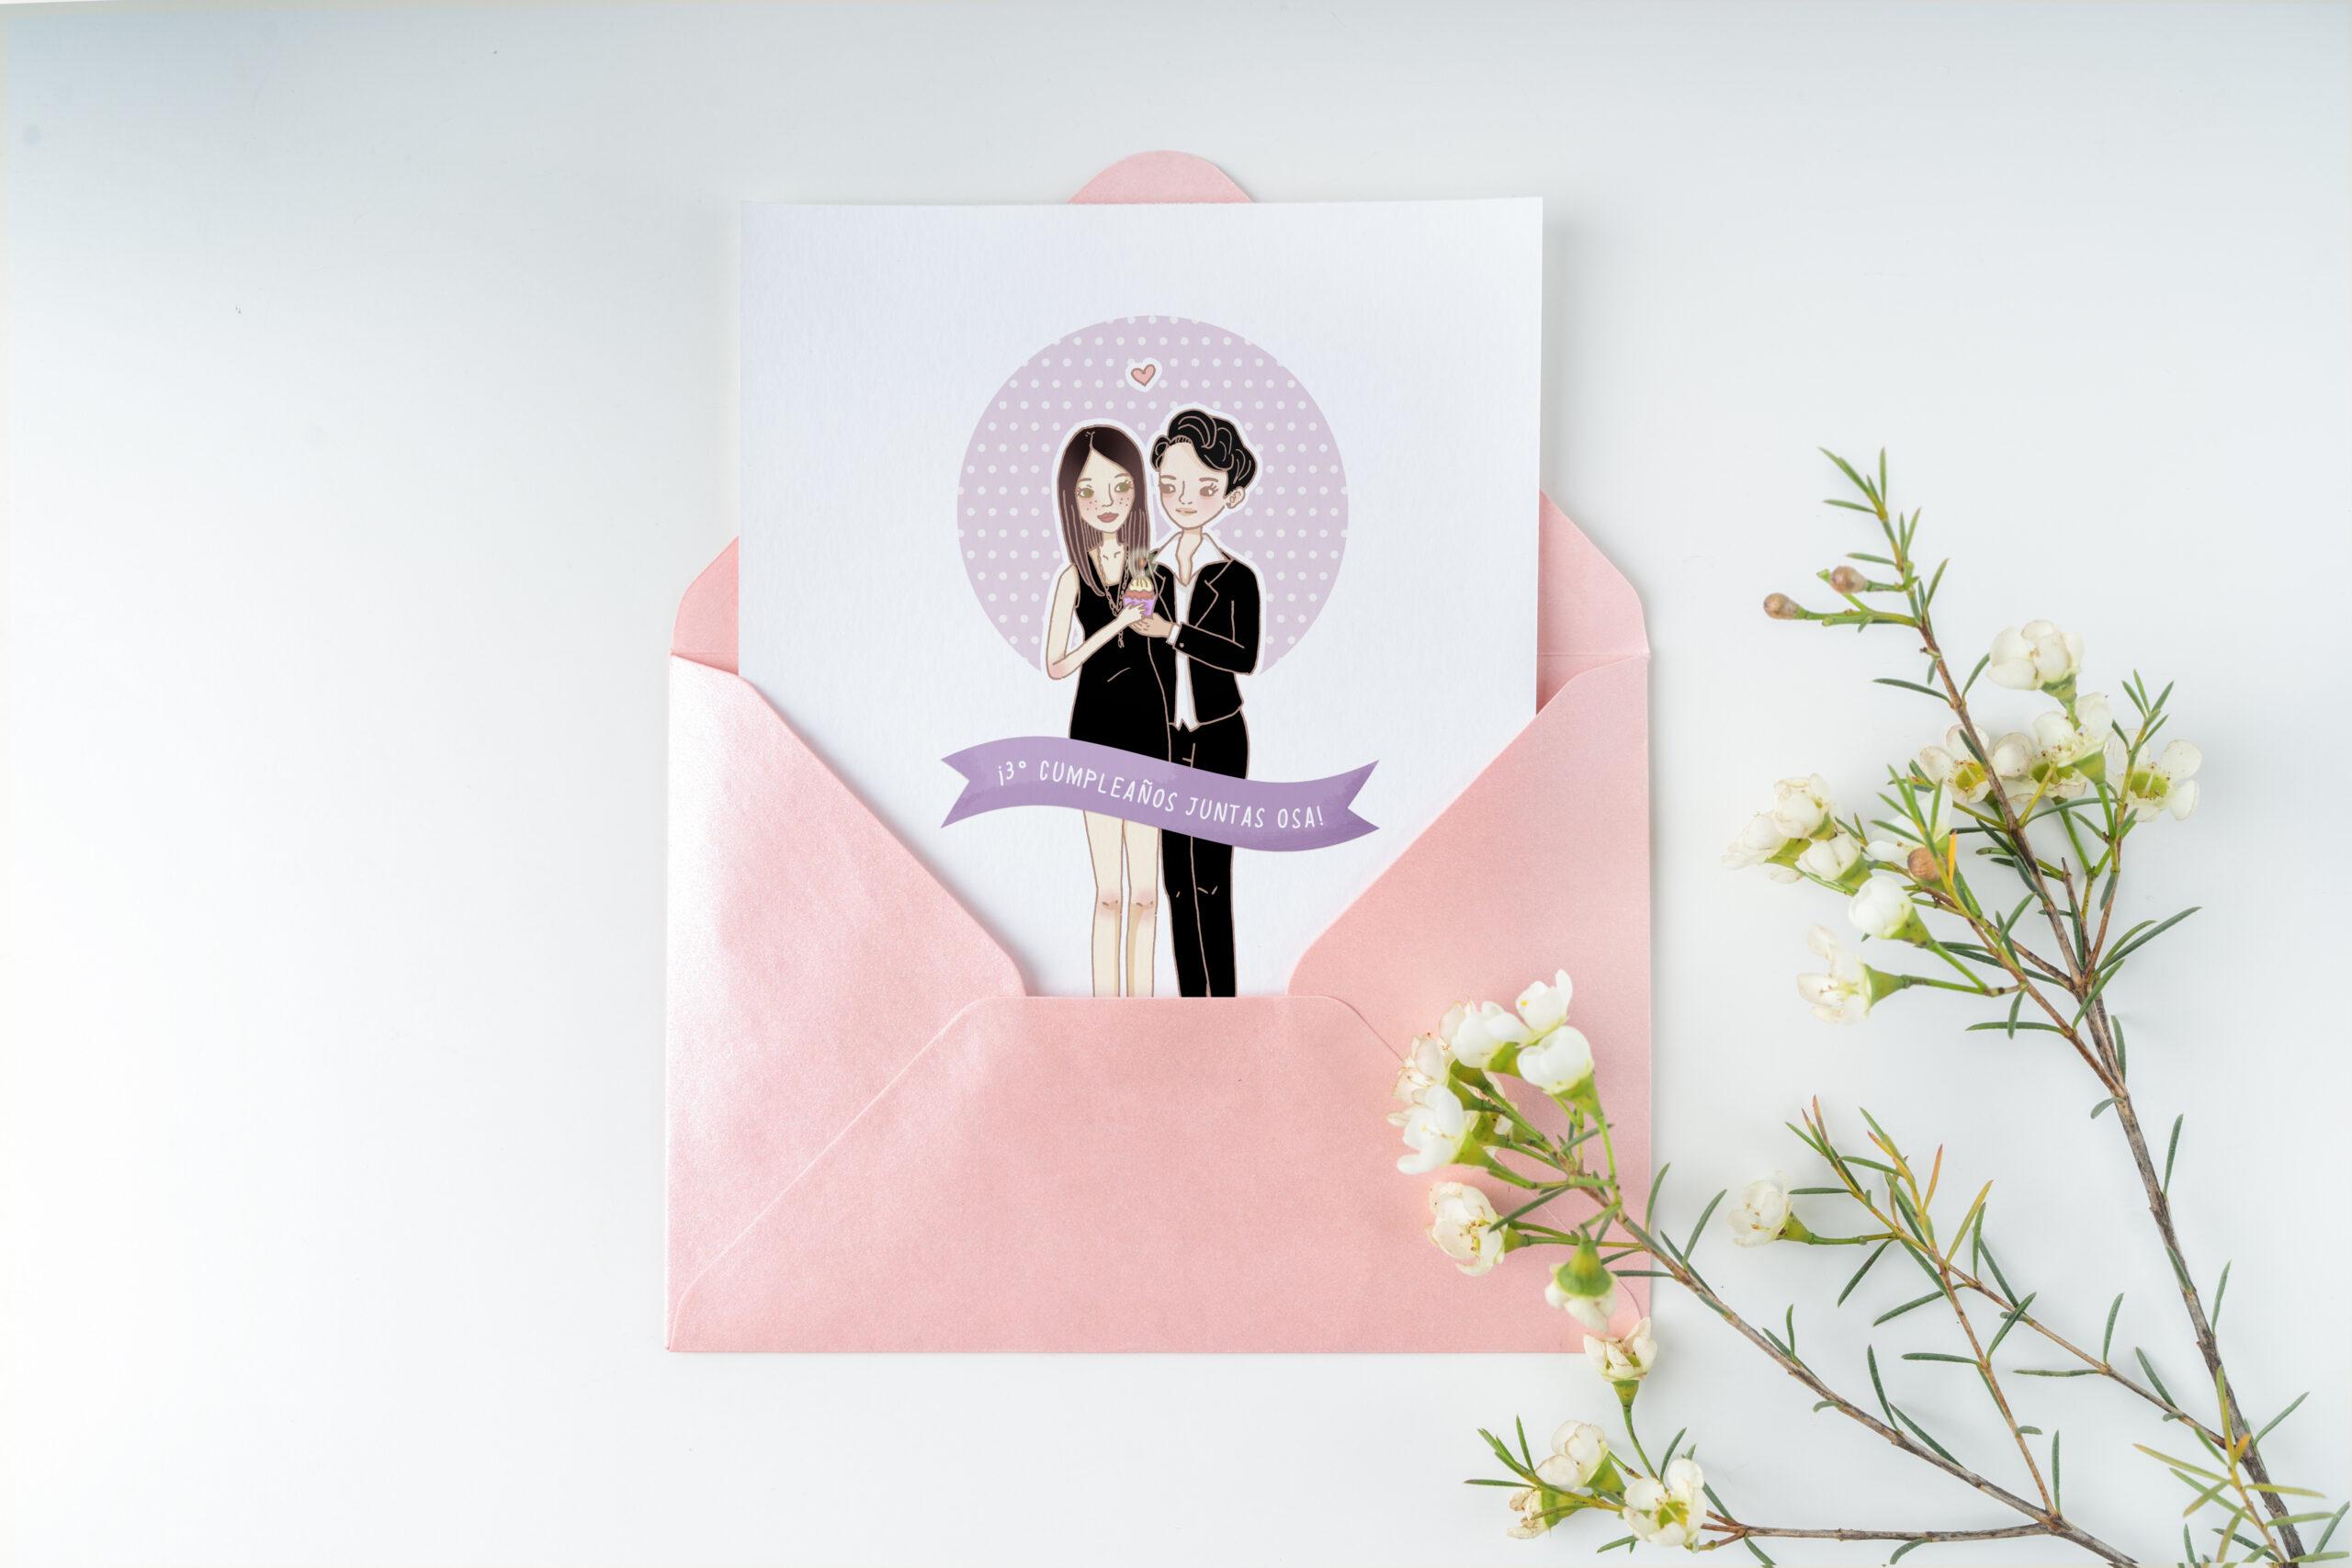 sobre rosada papel blanco con ilustracion de pareja color violeta